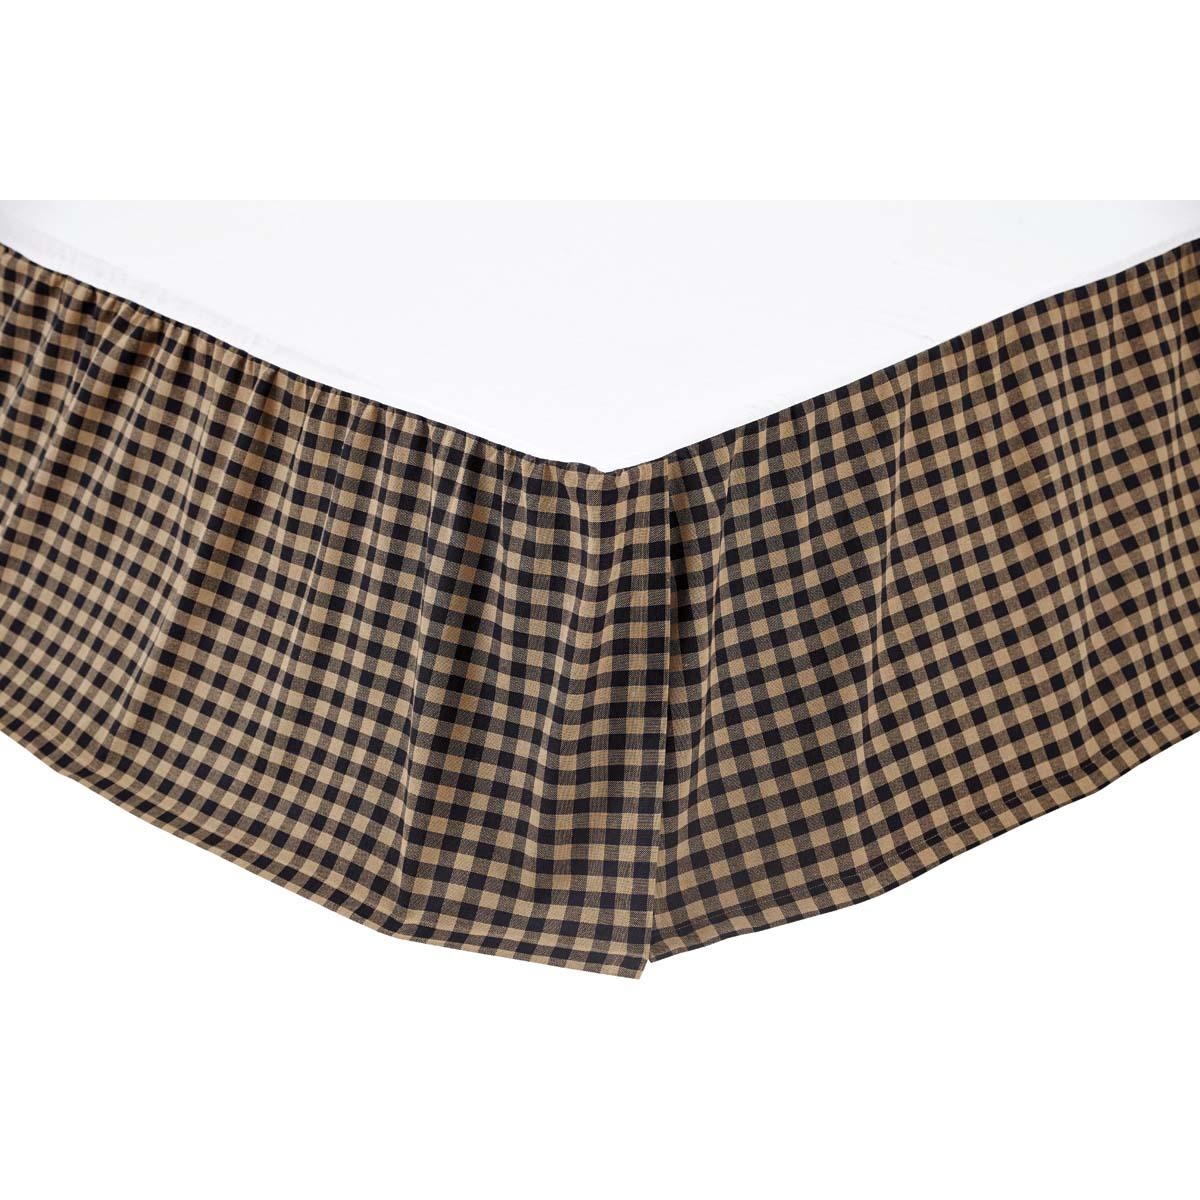 Black Check King Bed Skirt 78x80x16